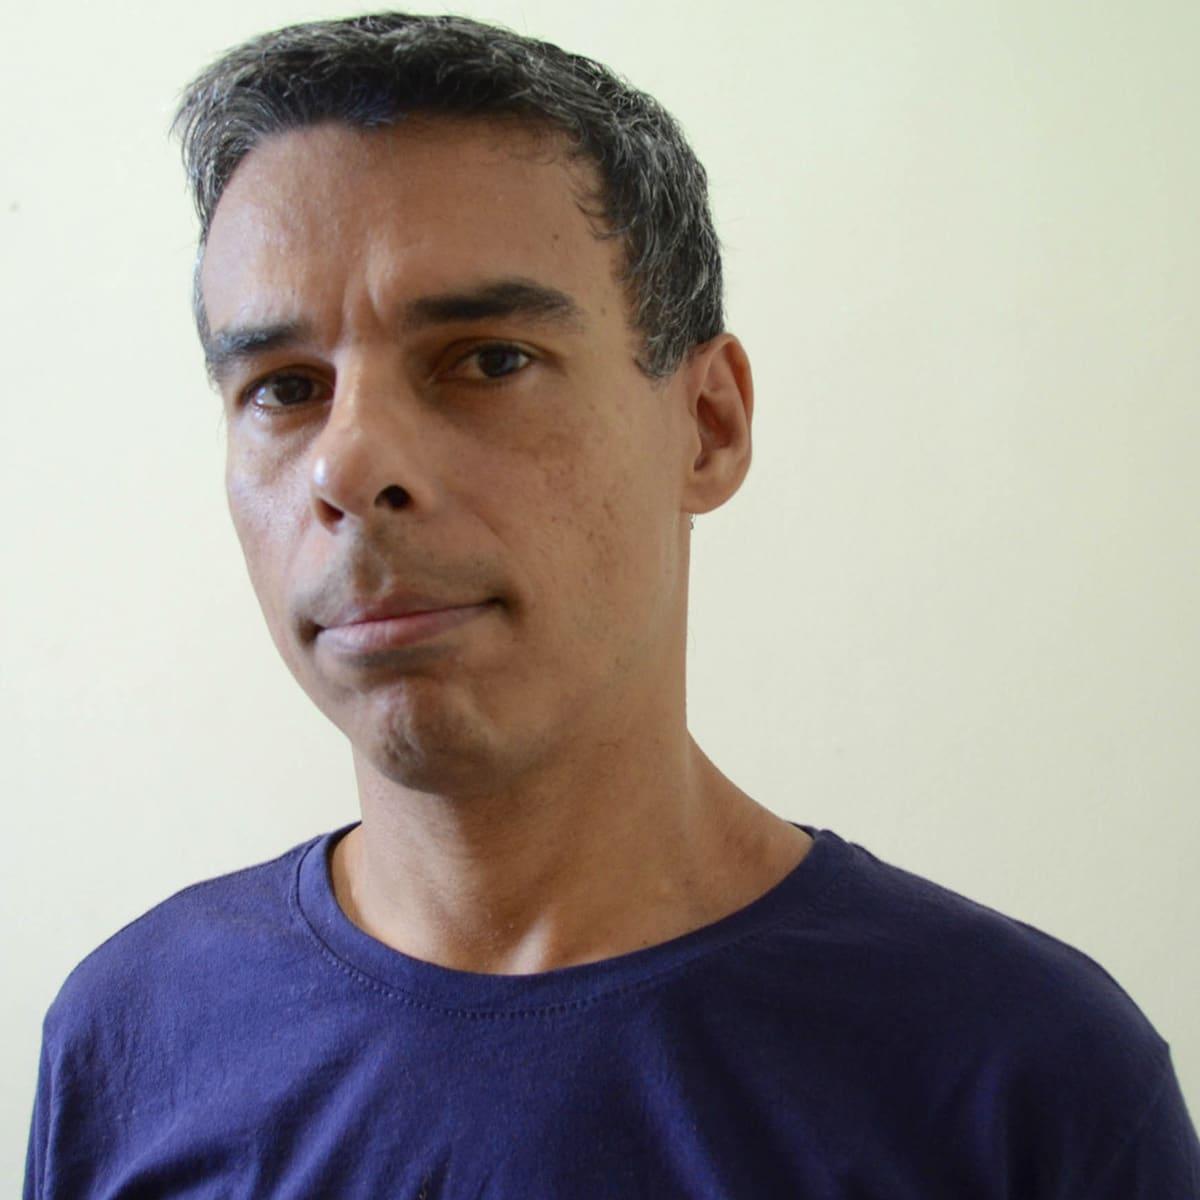 Vinícius Carreiro